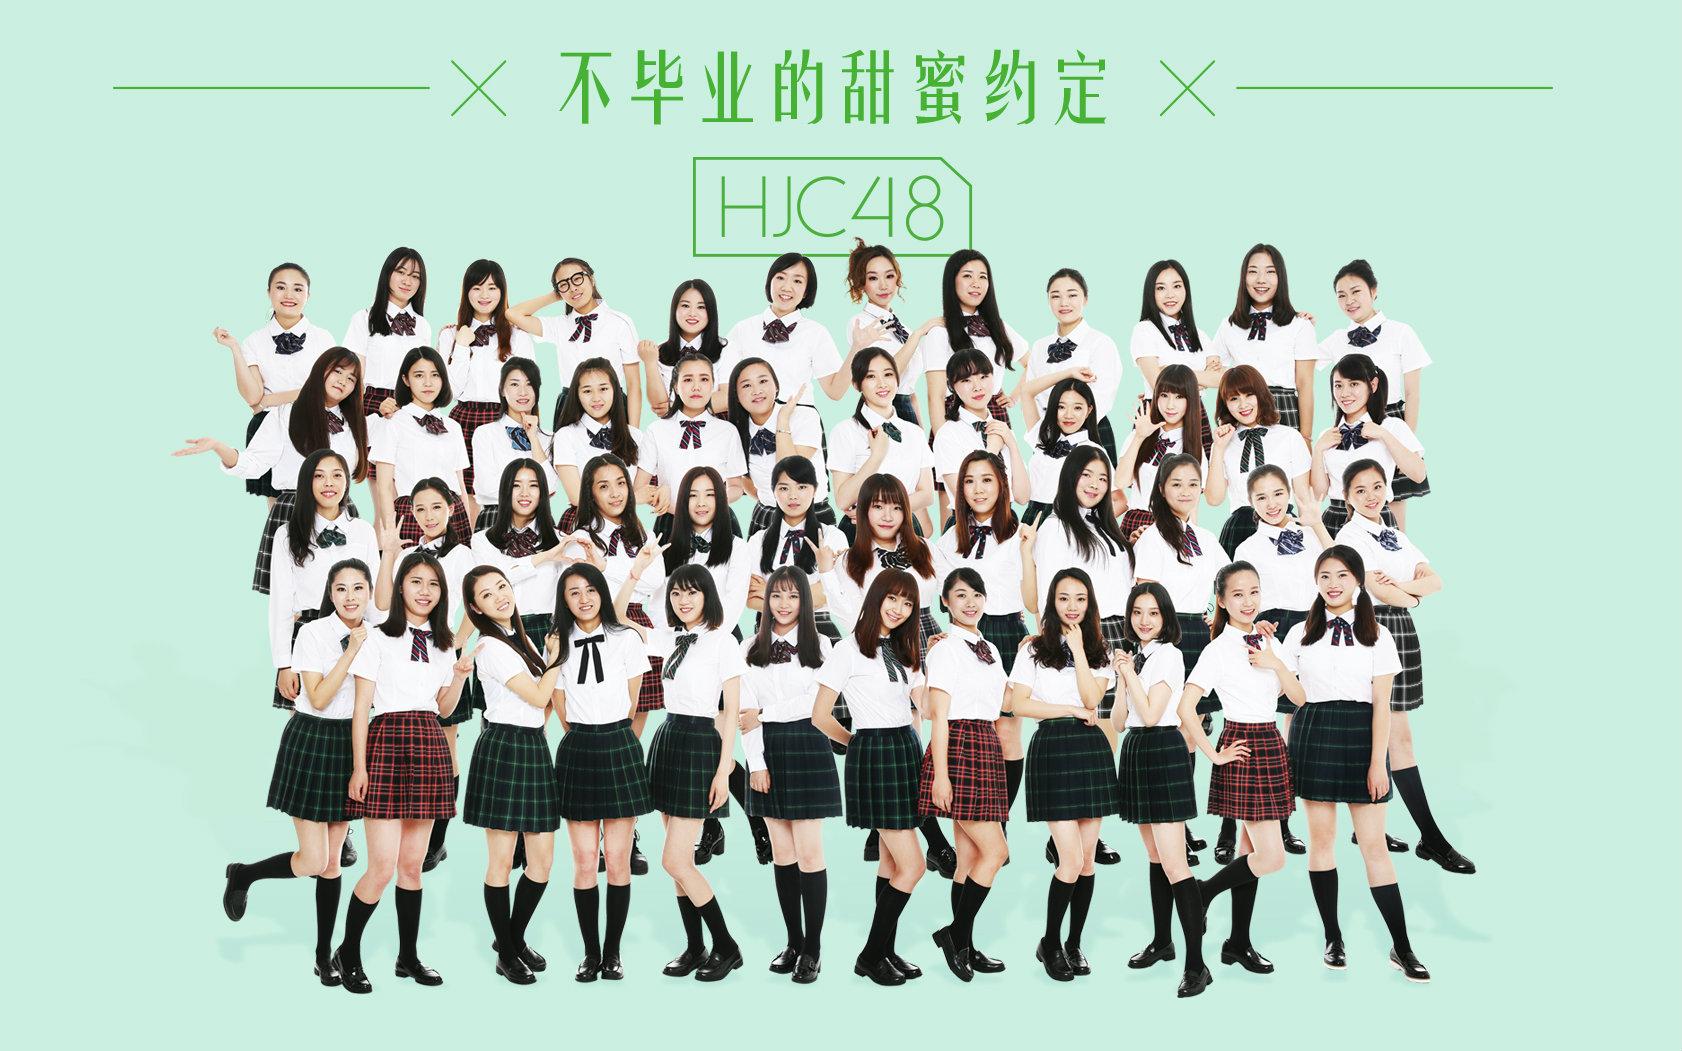 老翻 AKB48 ! 90 後班主任組女團 HJC48